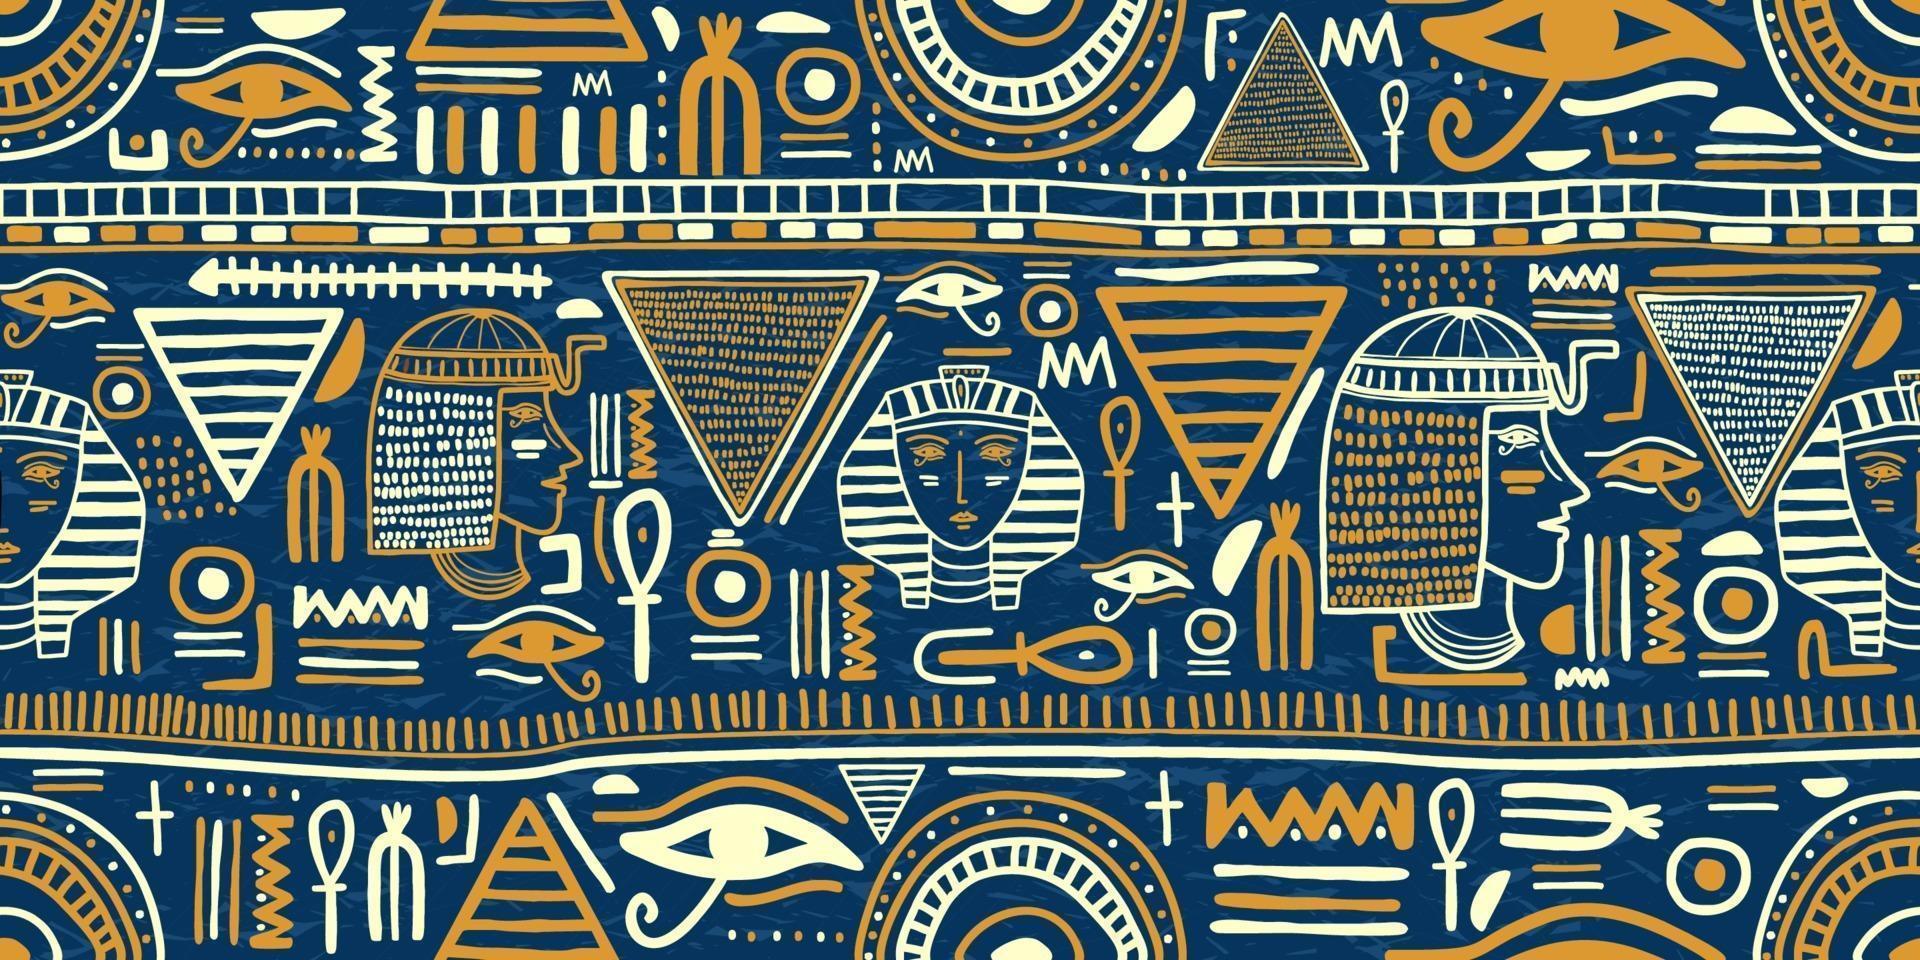 antigo ornamento egípcio tribal padrão sem emenda. arte tribal egípcio vintage étnico silhuetas padrão sem emenda na cor azul e ouro. vetor